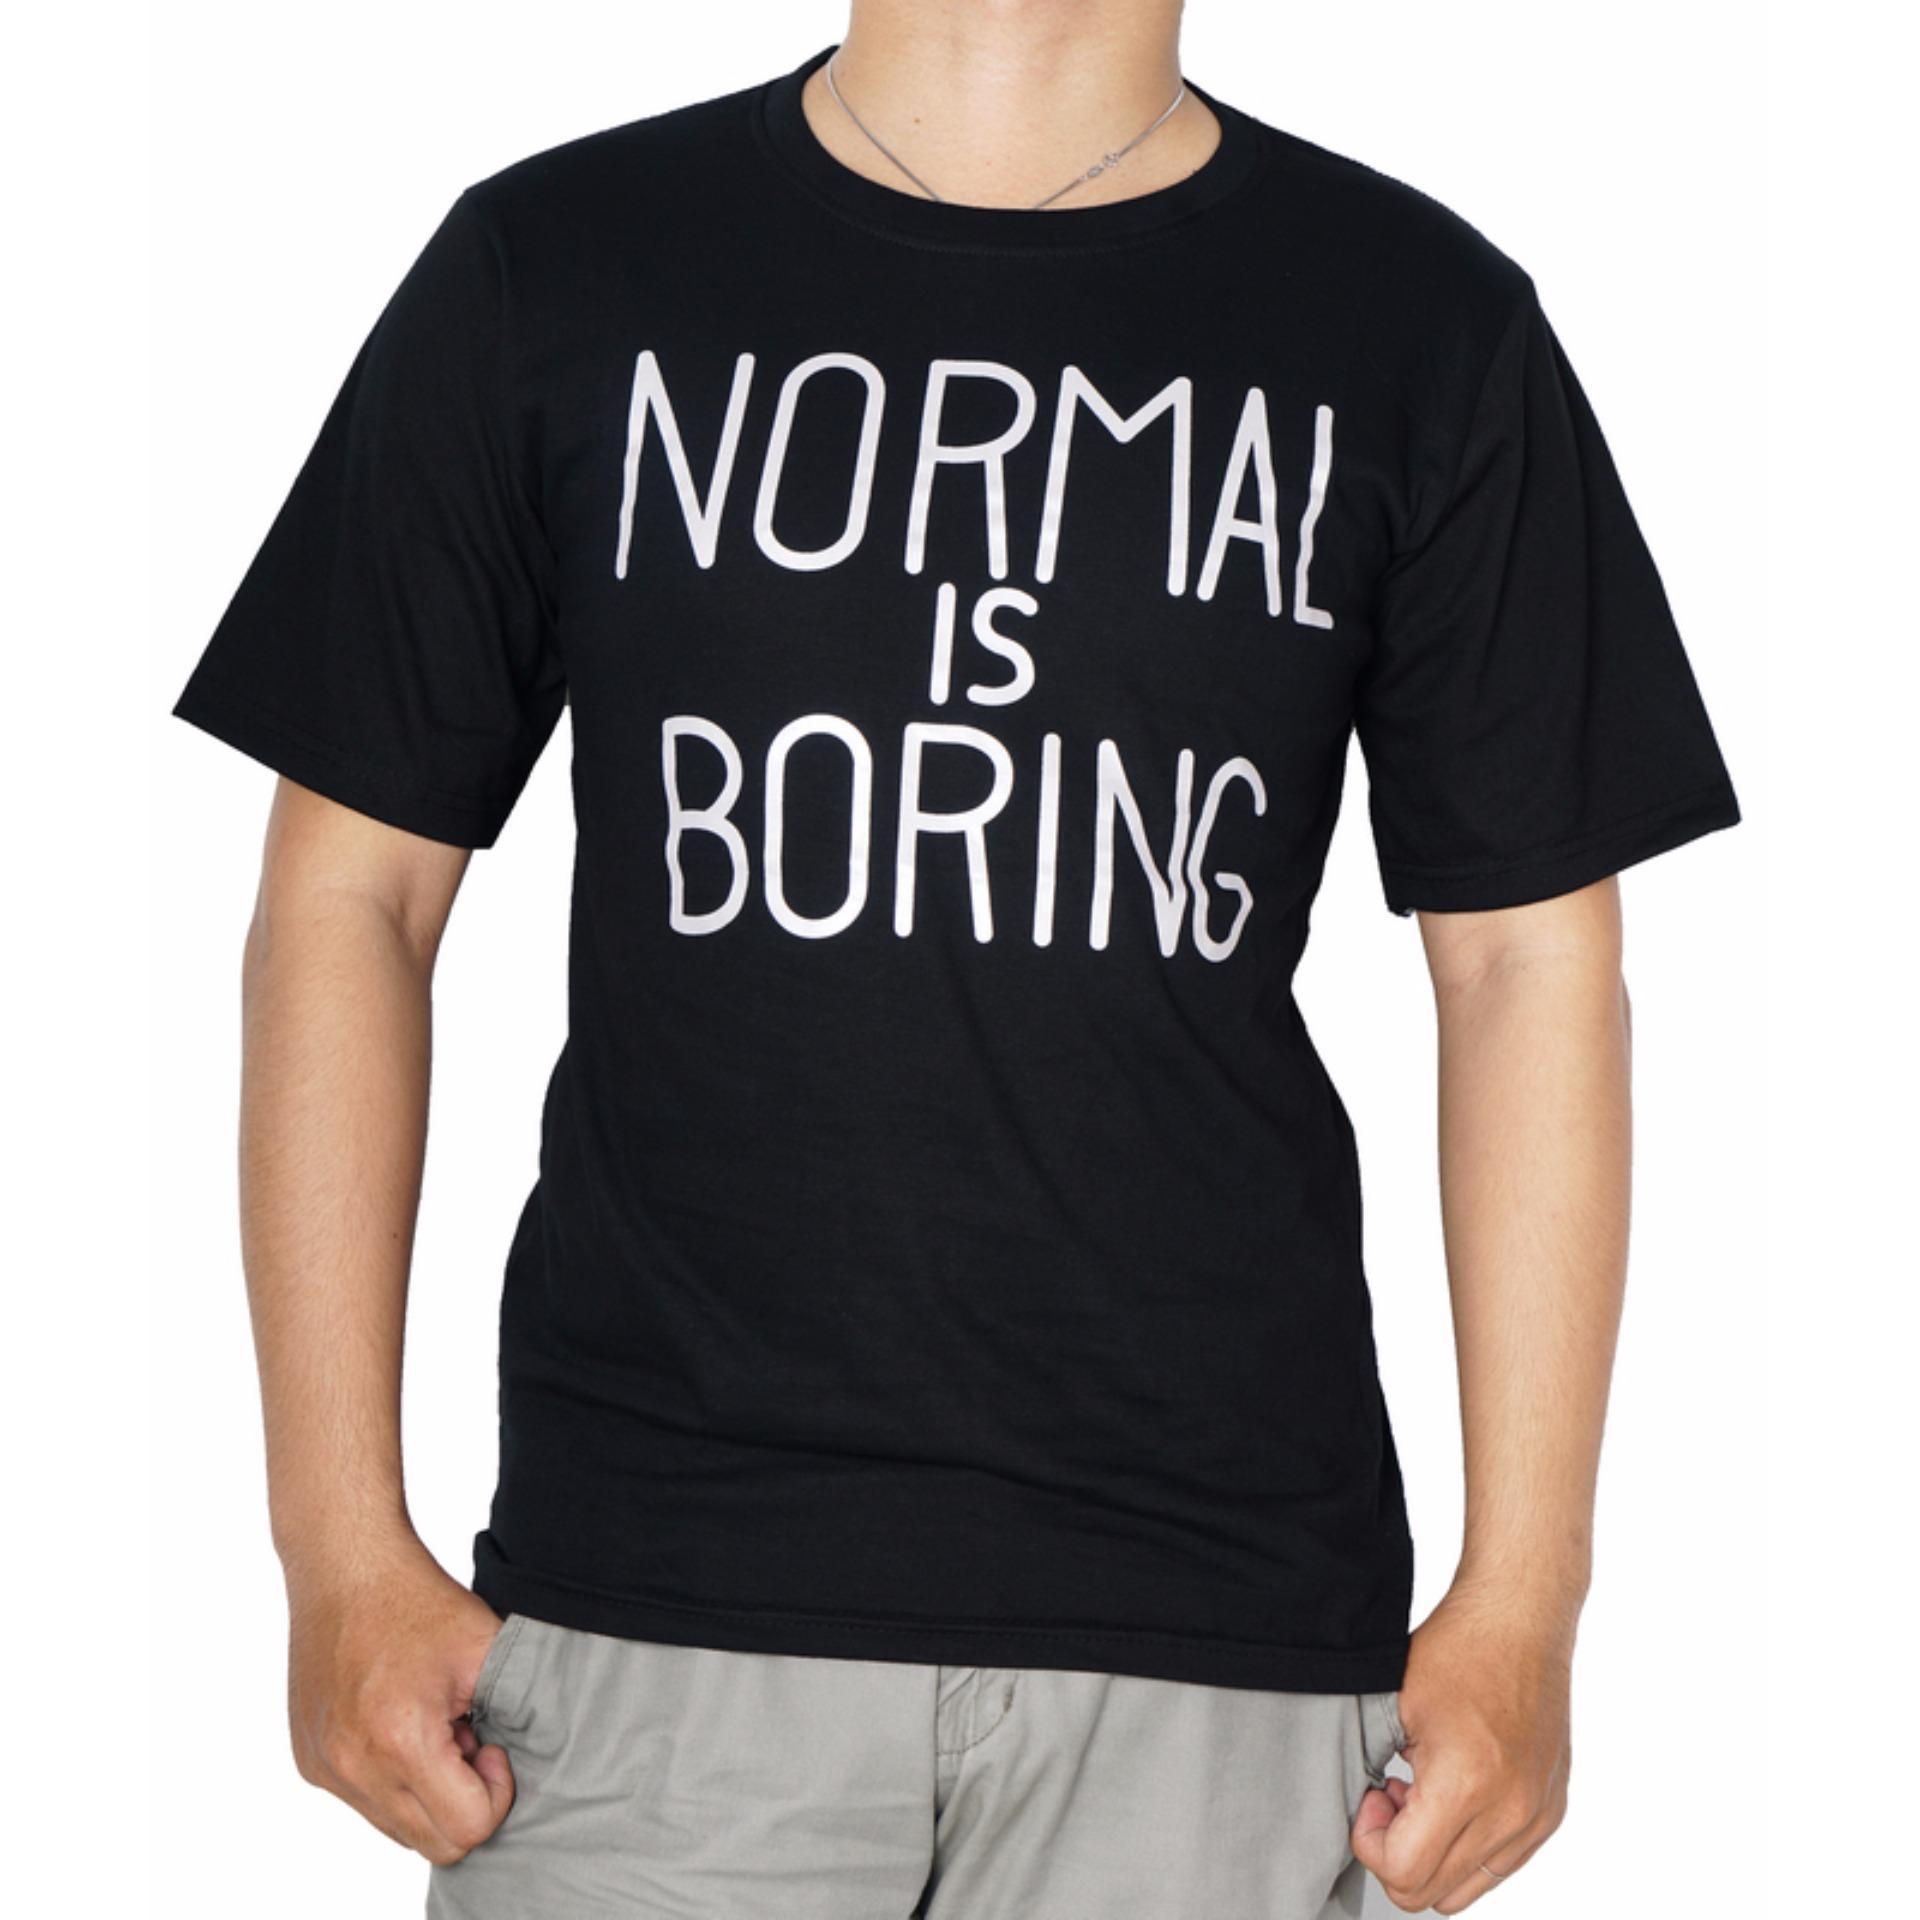 Pencari Harga Vanwin - Kaos Pria / T-Shirt Cowok / Tumblr Tee Normal Is